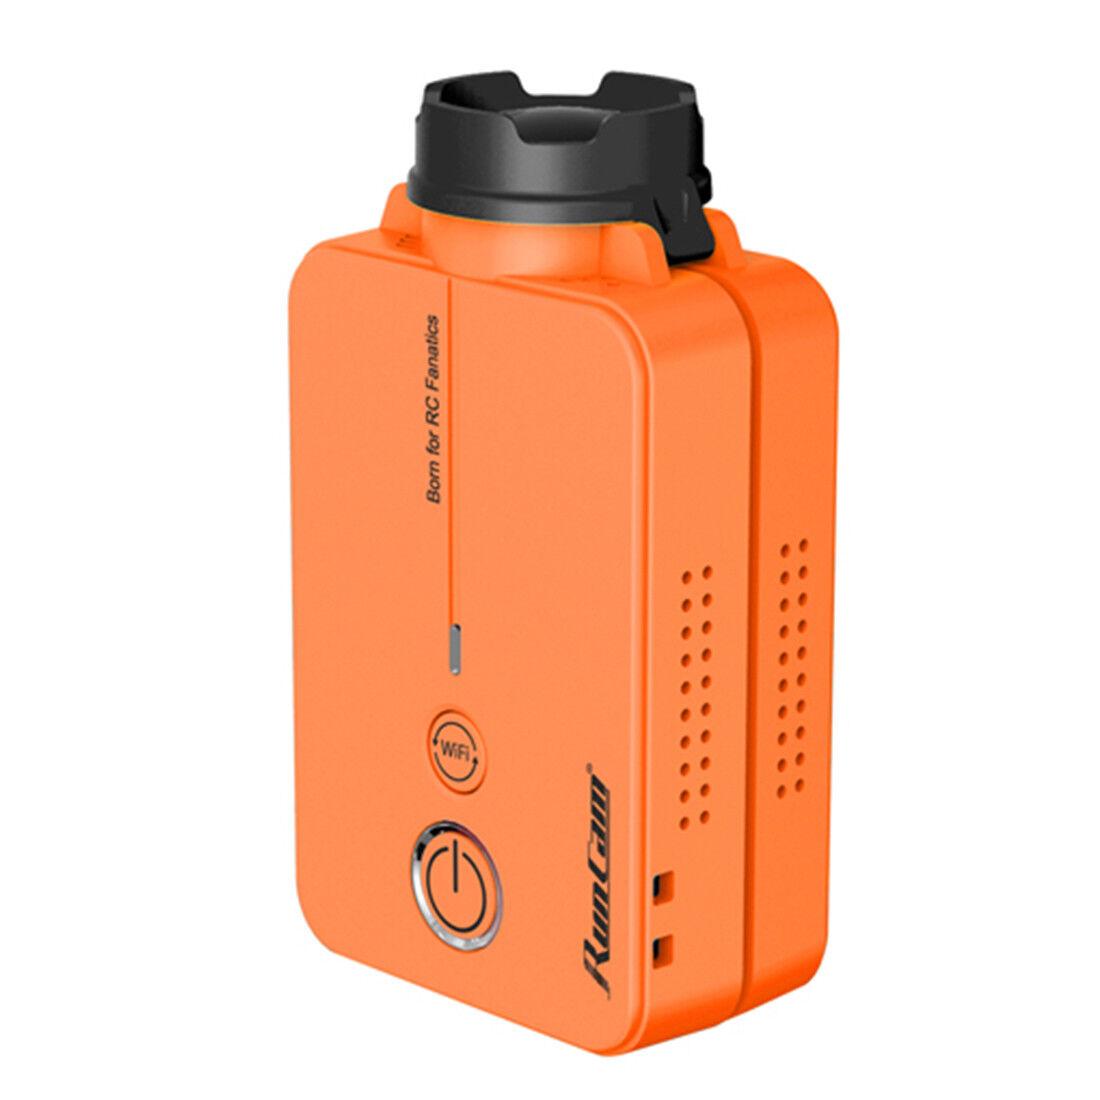 HD 1080P 60fps For  RC Quadcopter FPV telecamera Sport telecamera correreCam2 correreCam 2 V2  conveniente